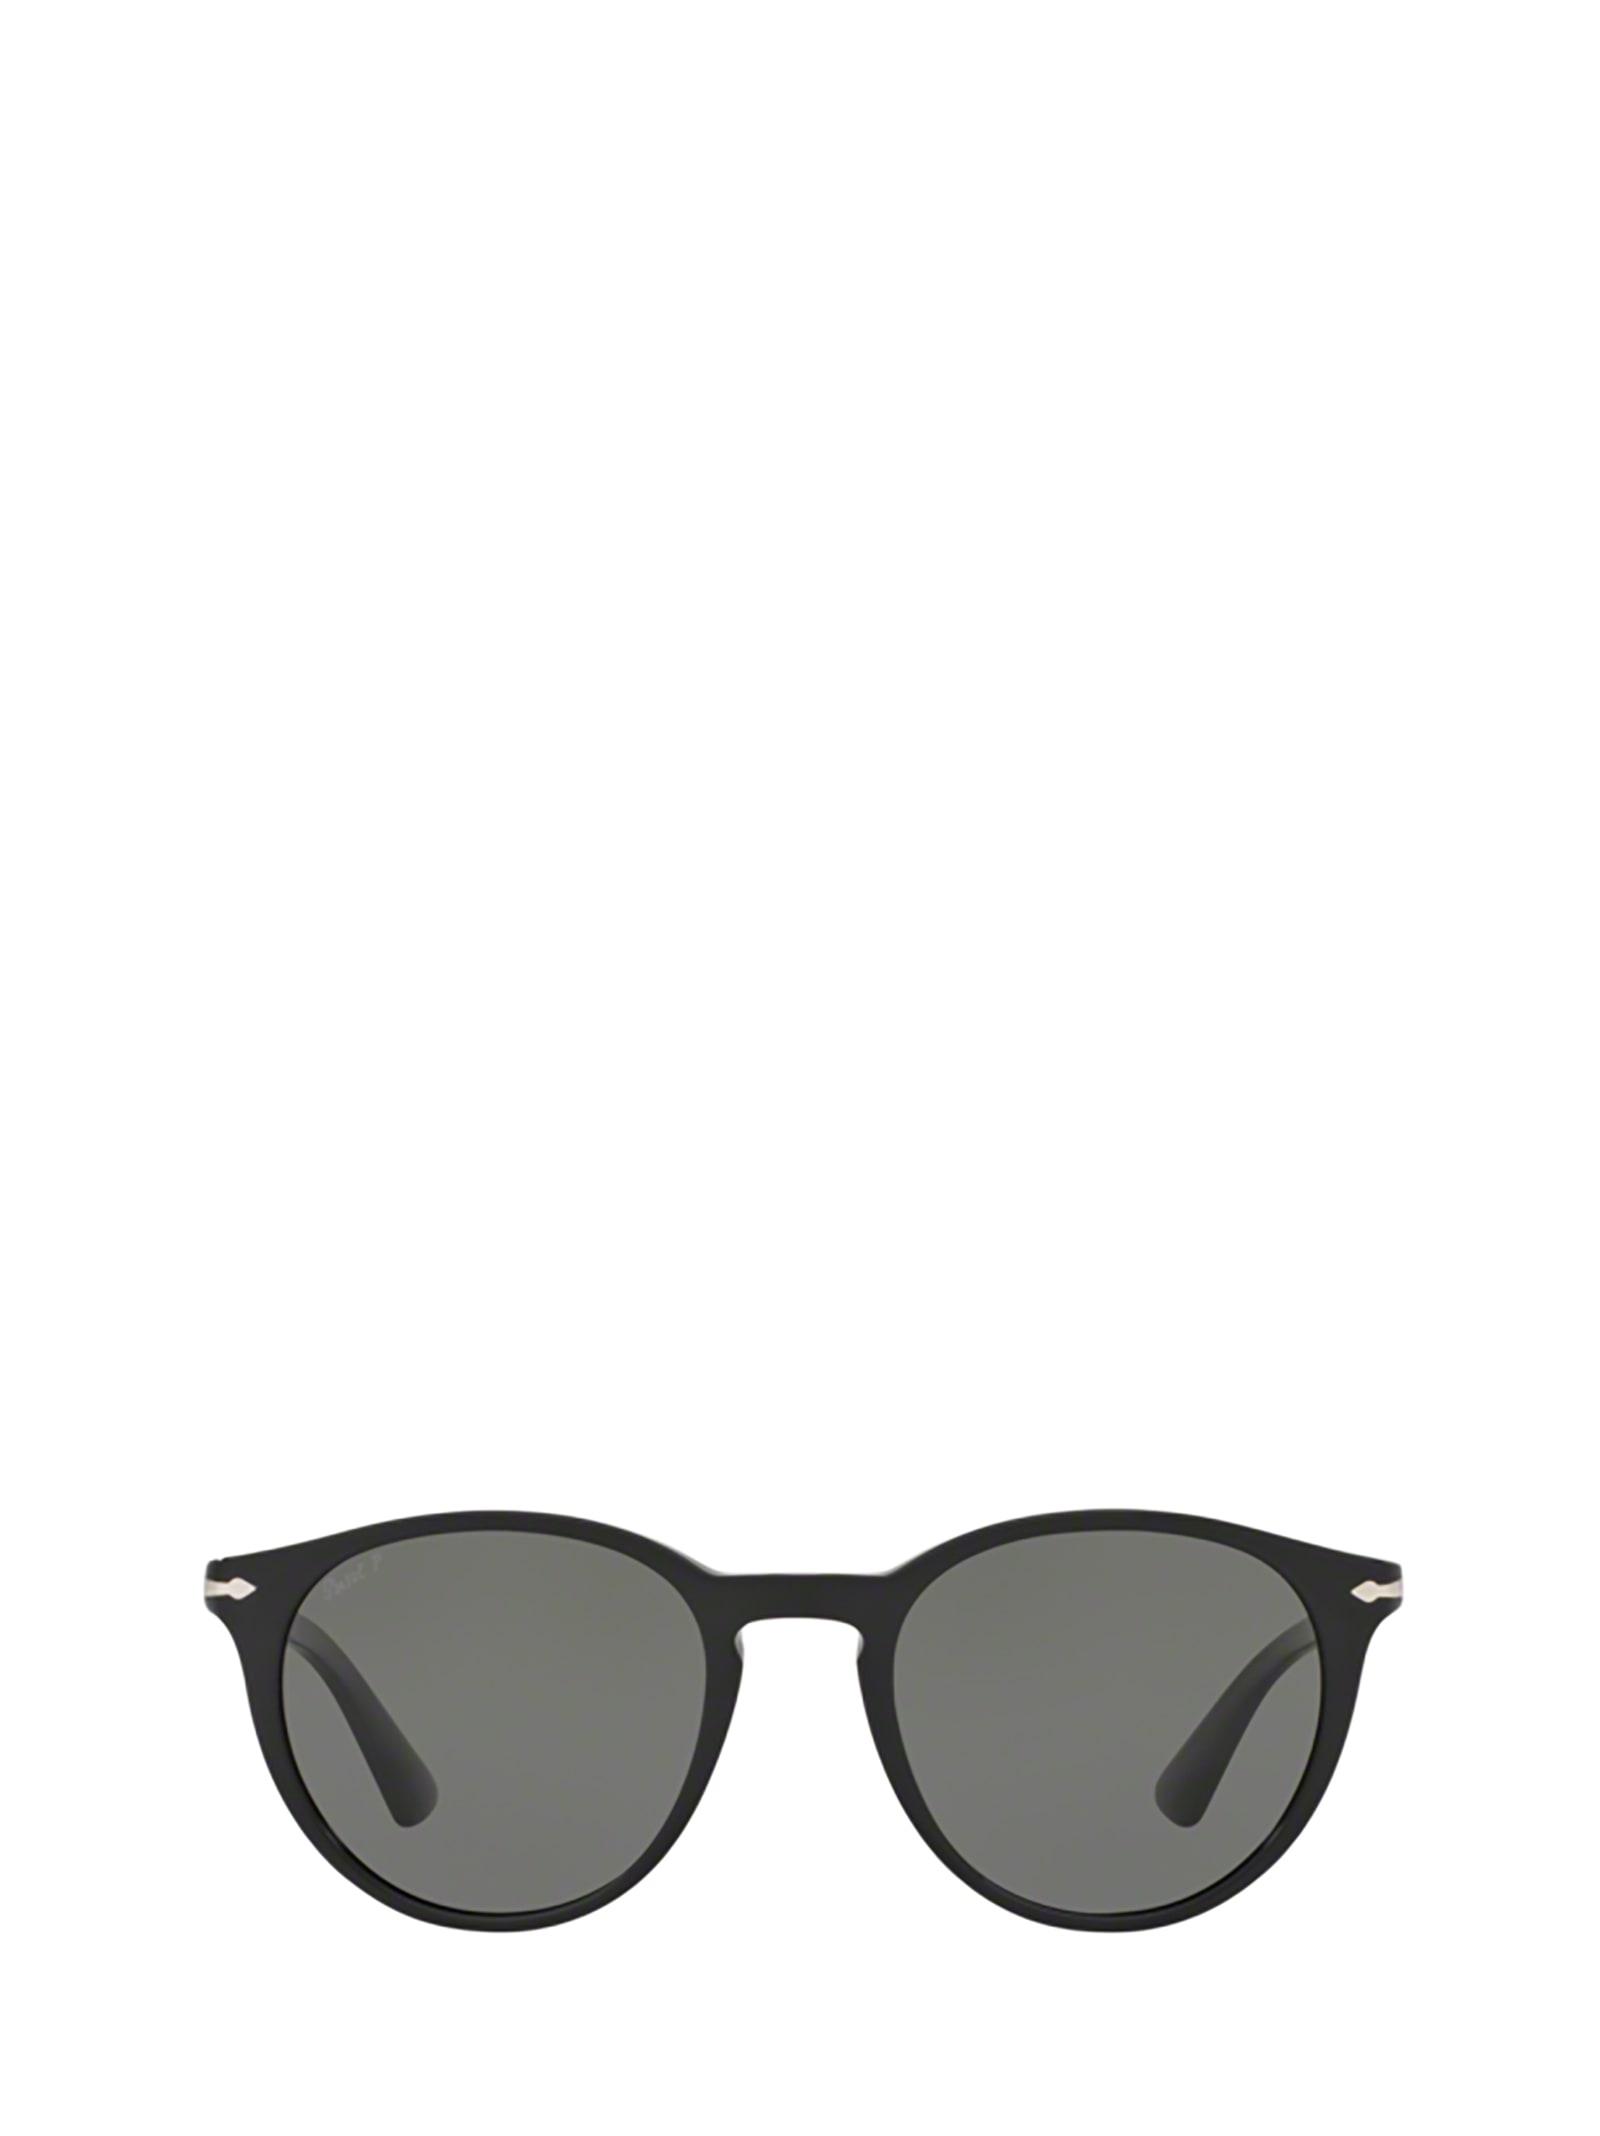 Persol Po3152s Black Sunglasses